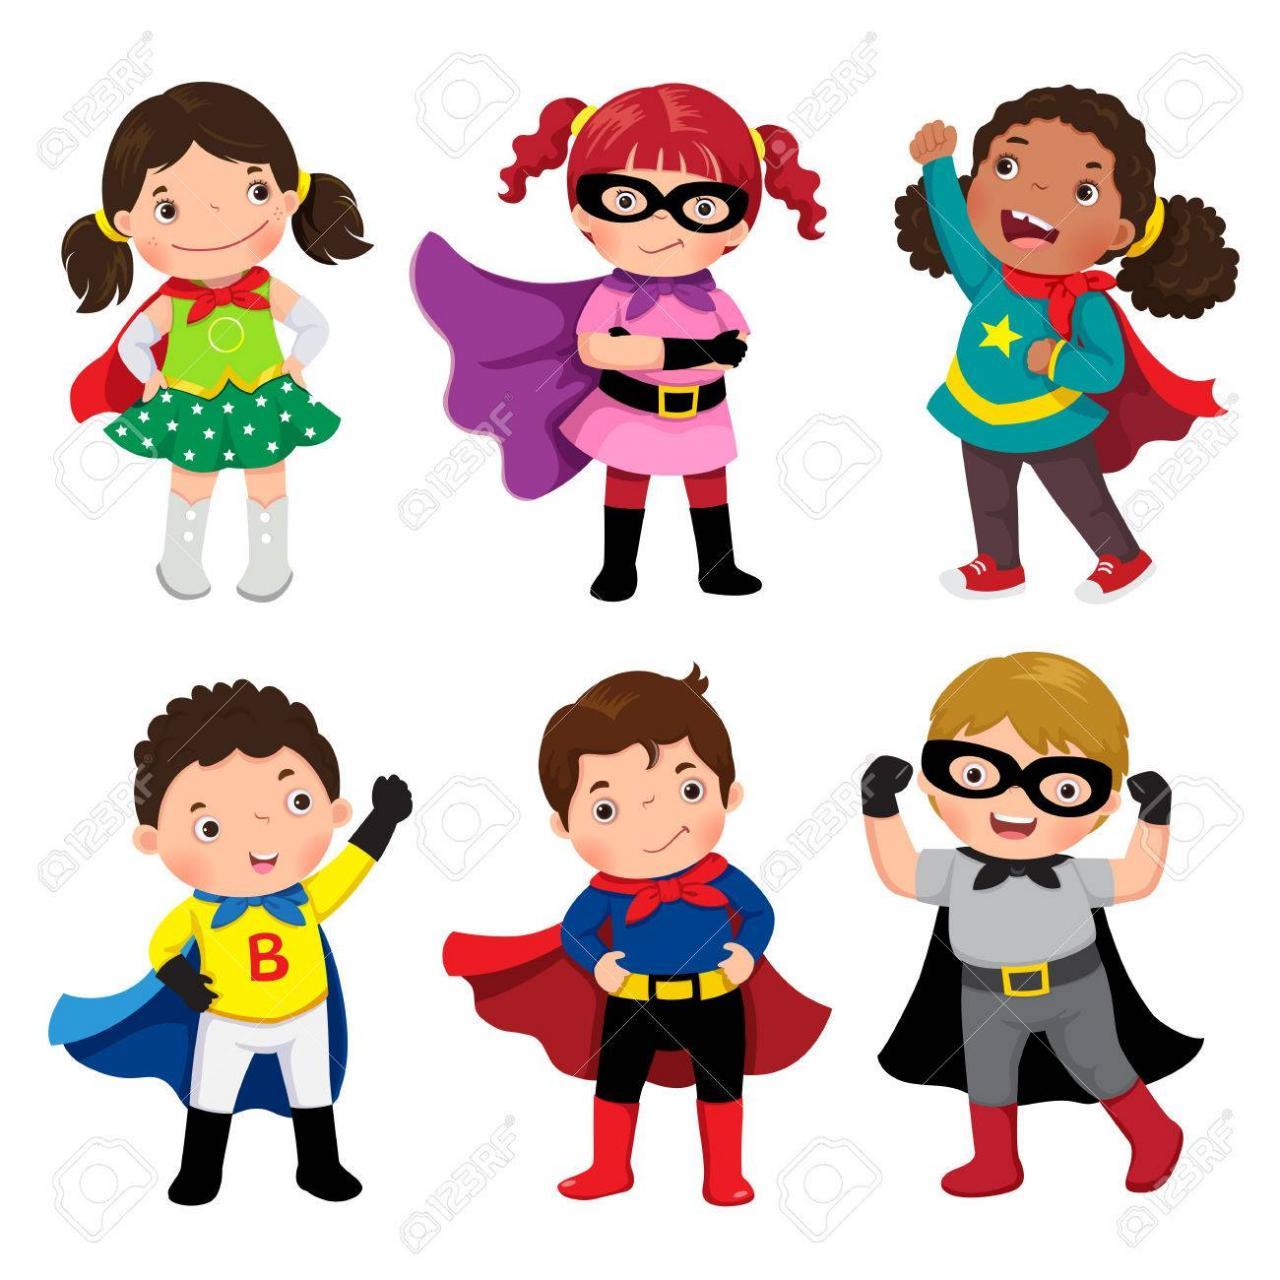 Los Niños Y Las Niñas En Trajes De Superhéroes En El Fondo Blanco ...